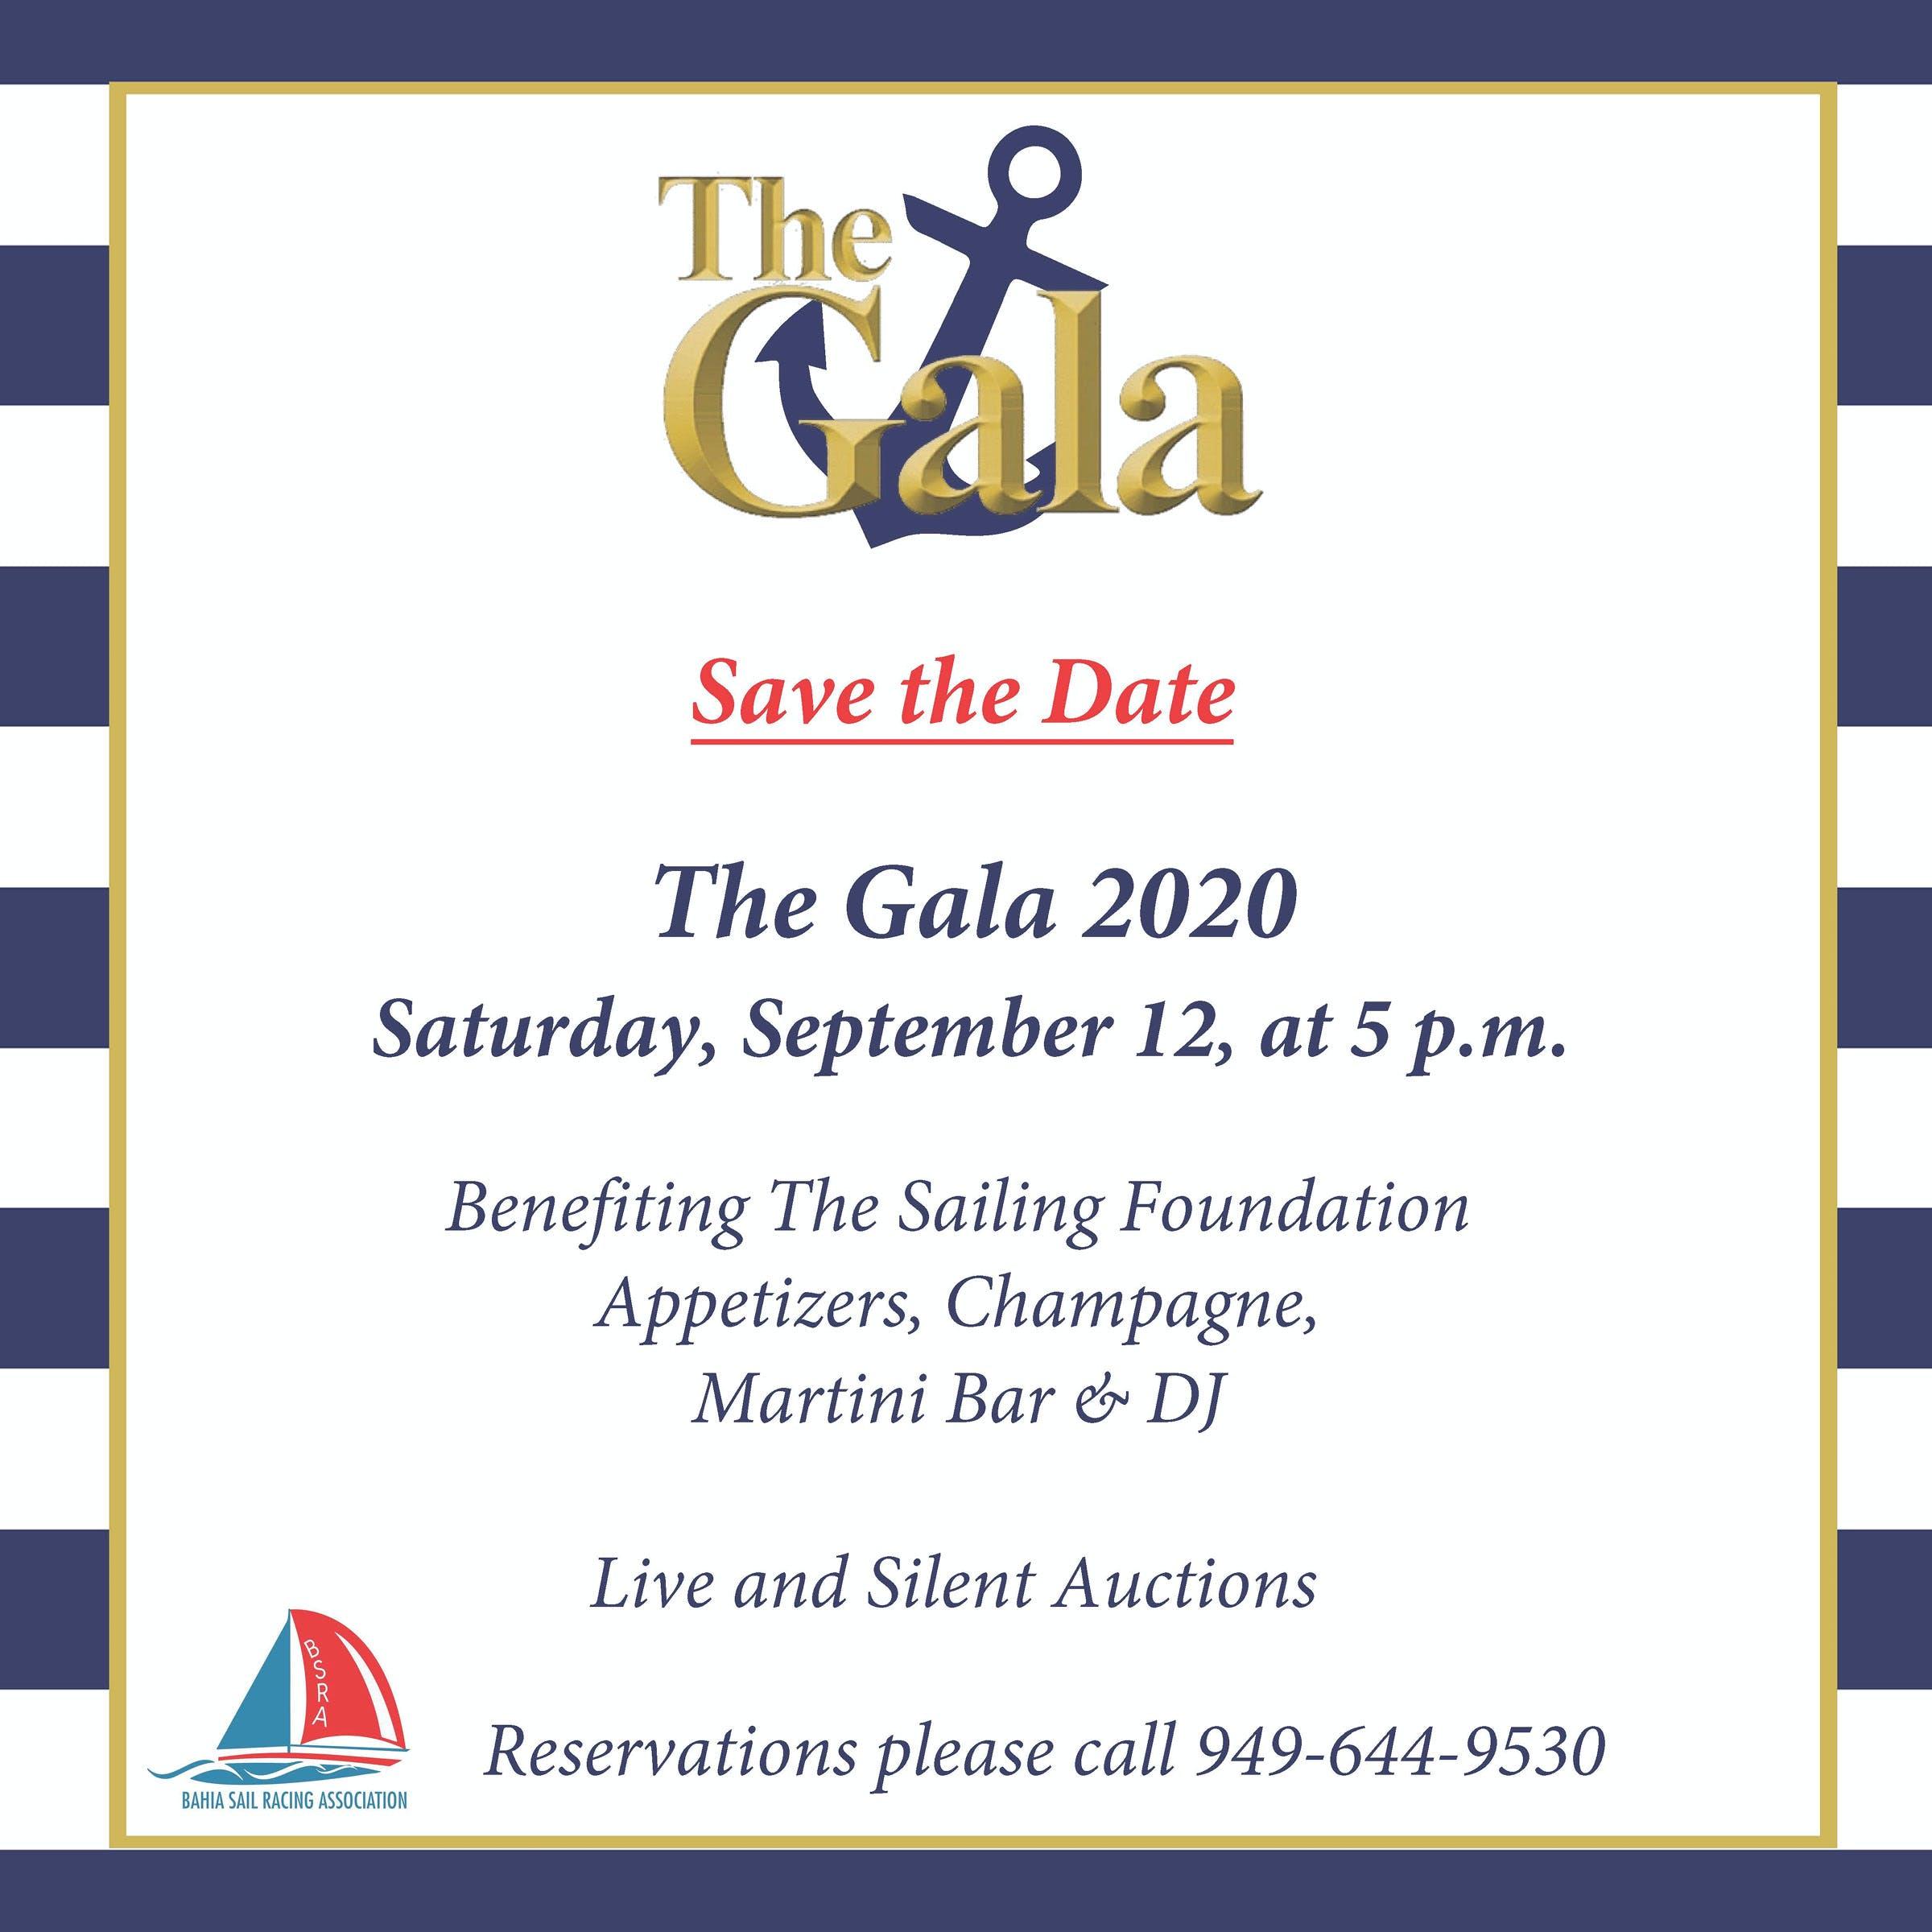 The Gala 2020